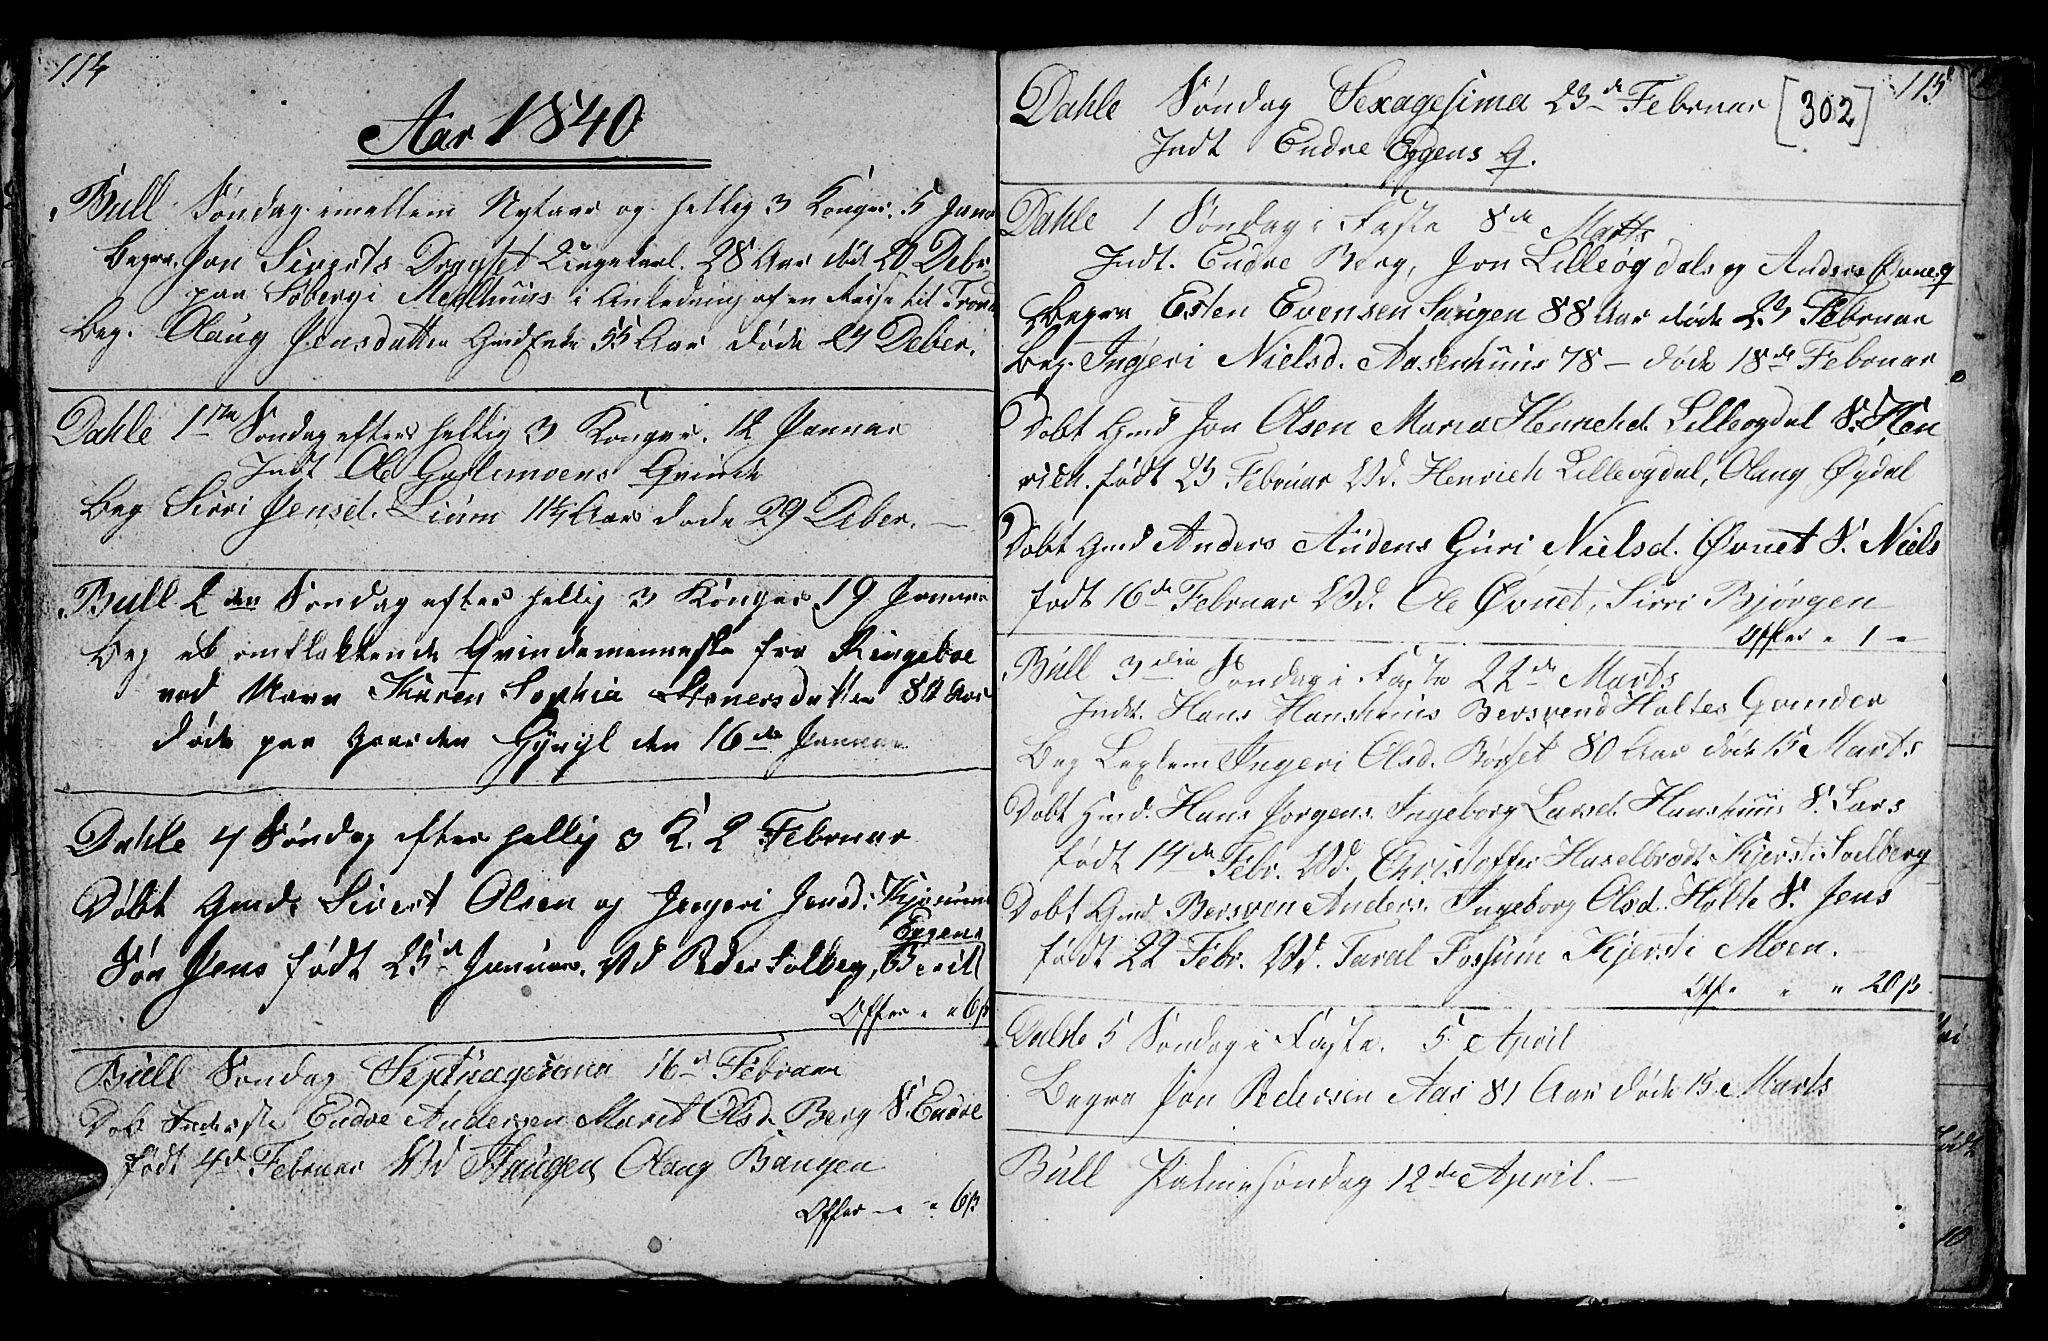 SAT, Ministerialprotokoller, klokkerbøker og fødselsregistre - Sør-Trøndelag, 689/L1042: Klokkerbok nr. 689C01, 1812-1841, s. 301-302